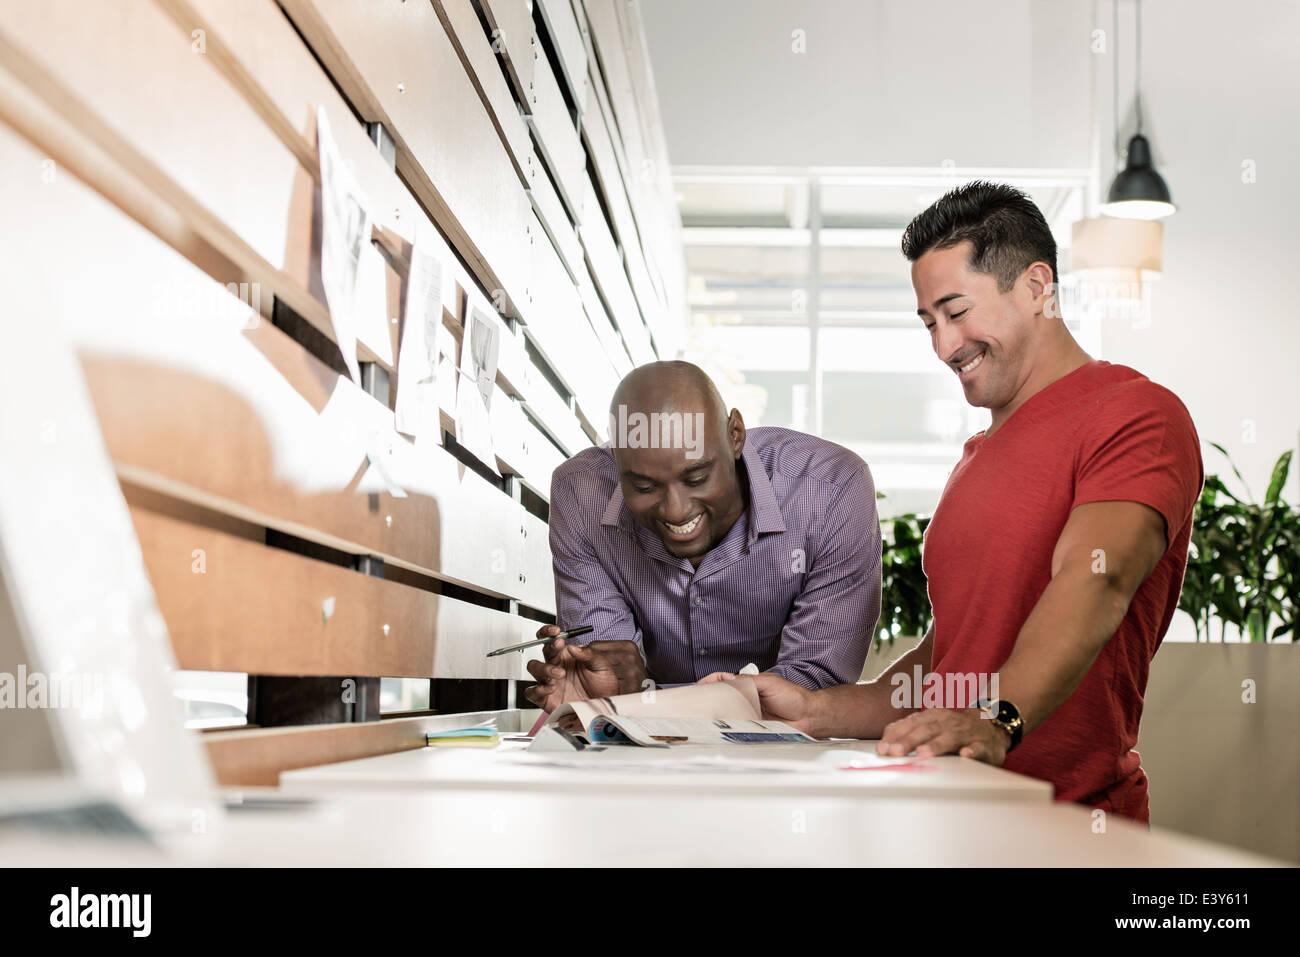 Deux hommes des collègues partageant un rire in office Photo Stock